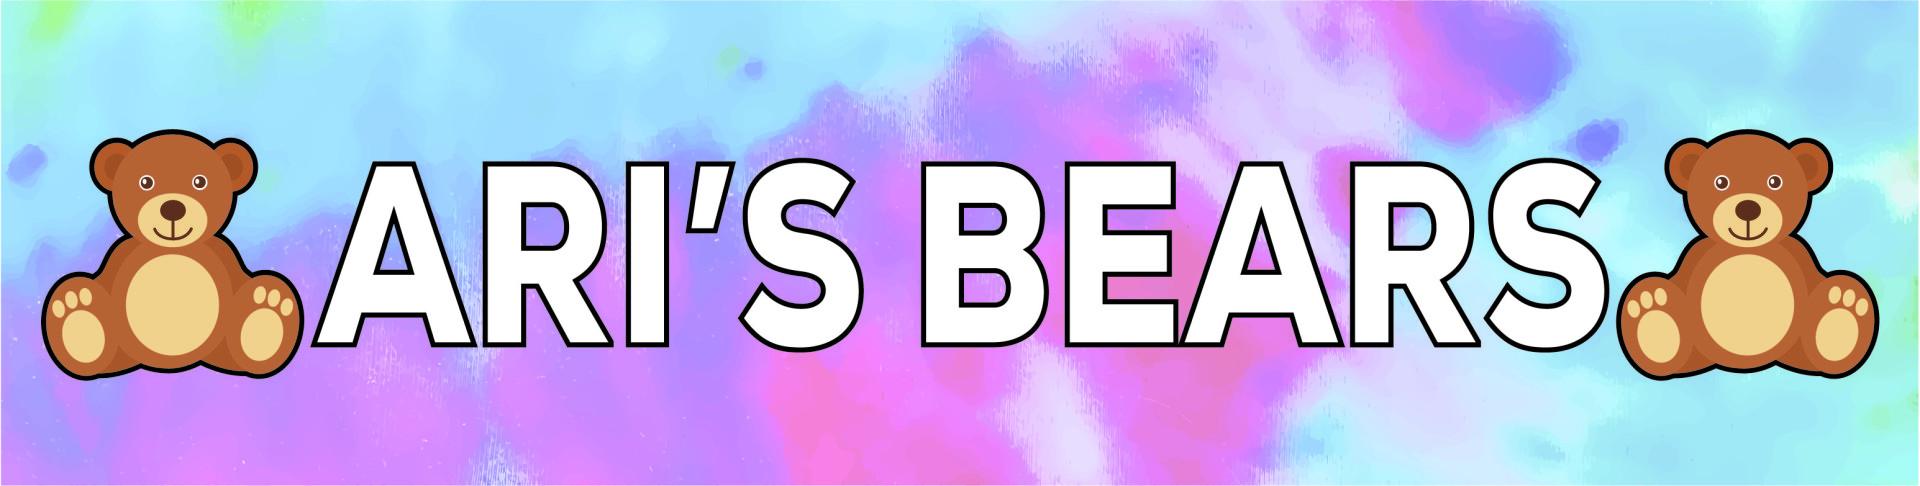 ARI'S BEARS LOGO FINAL - PRINT-01